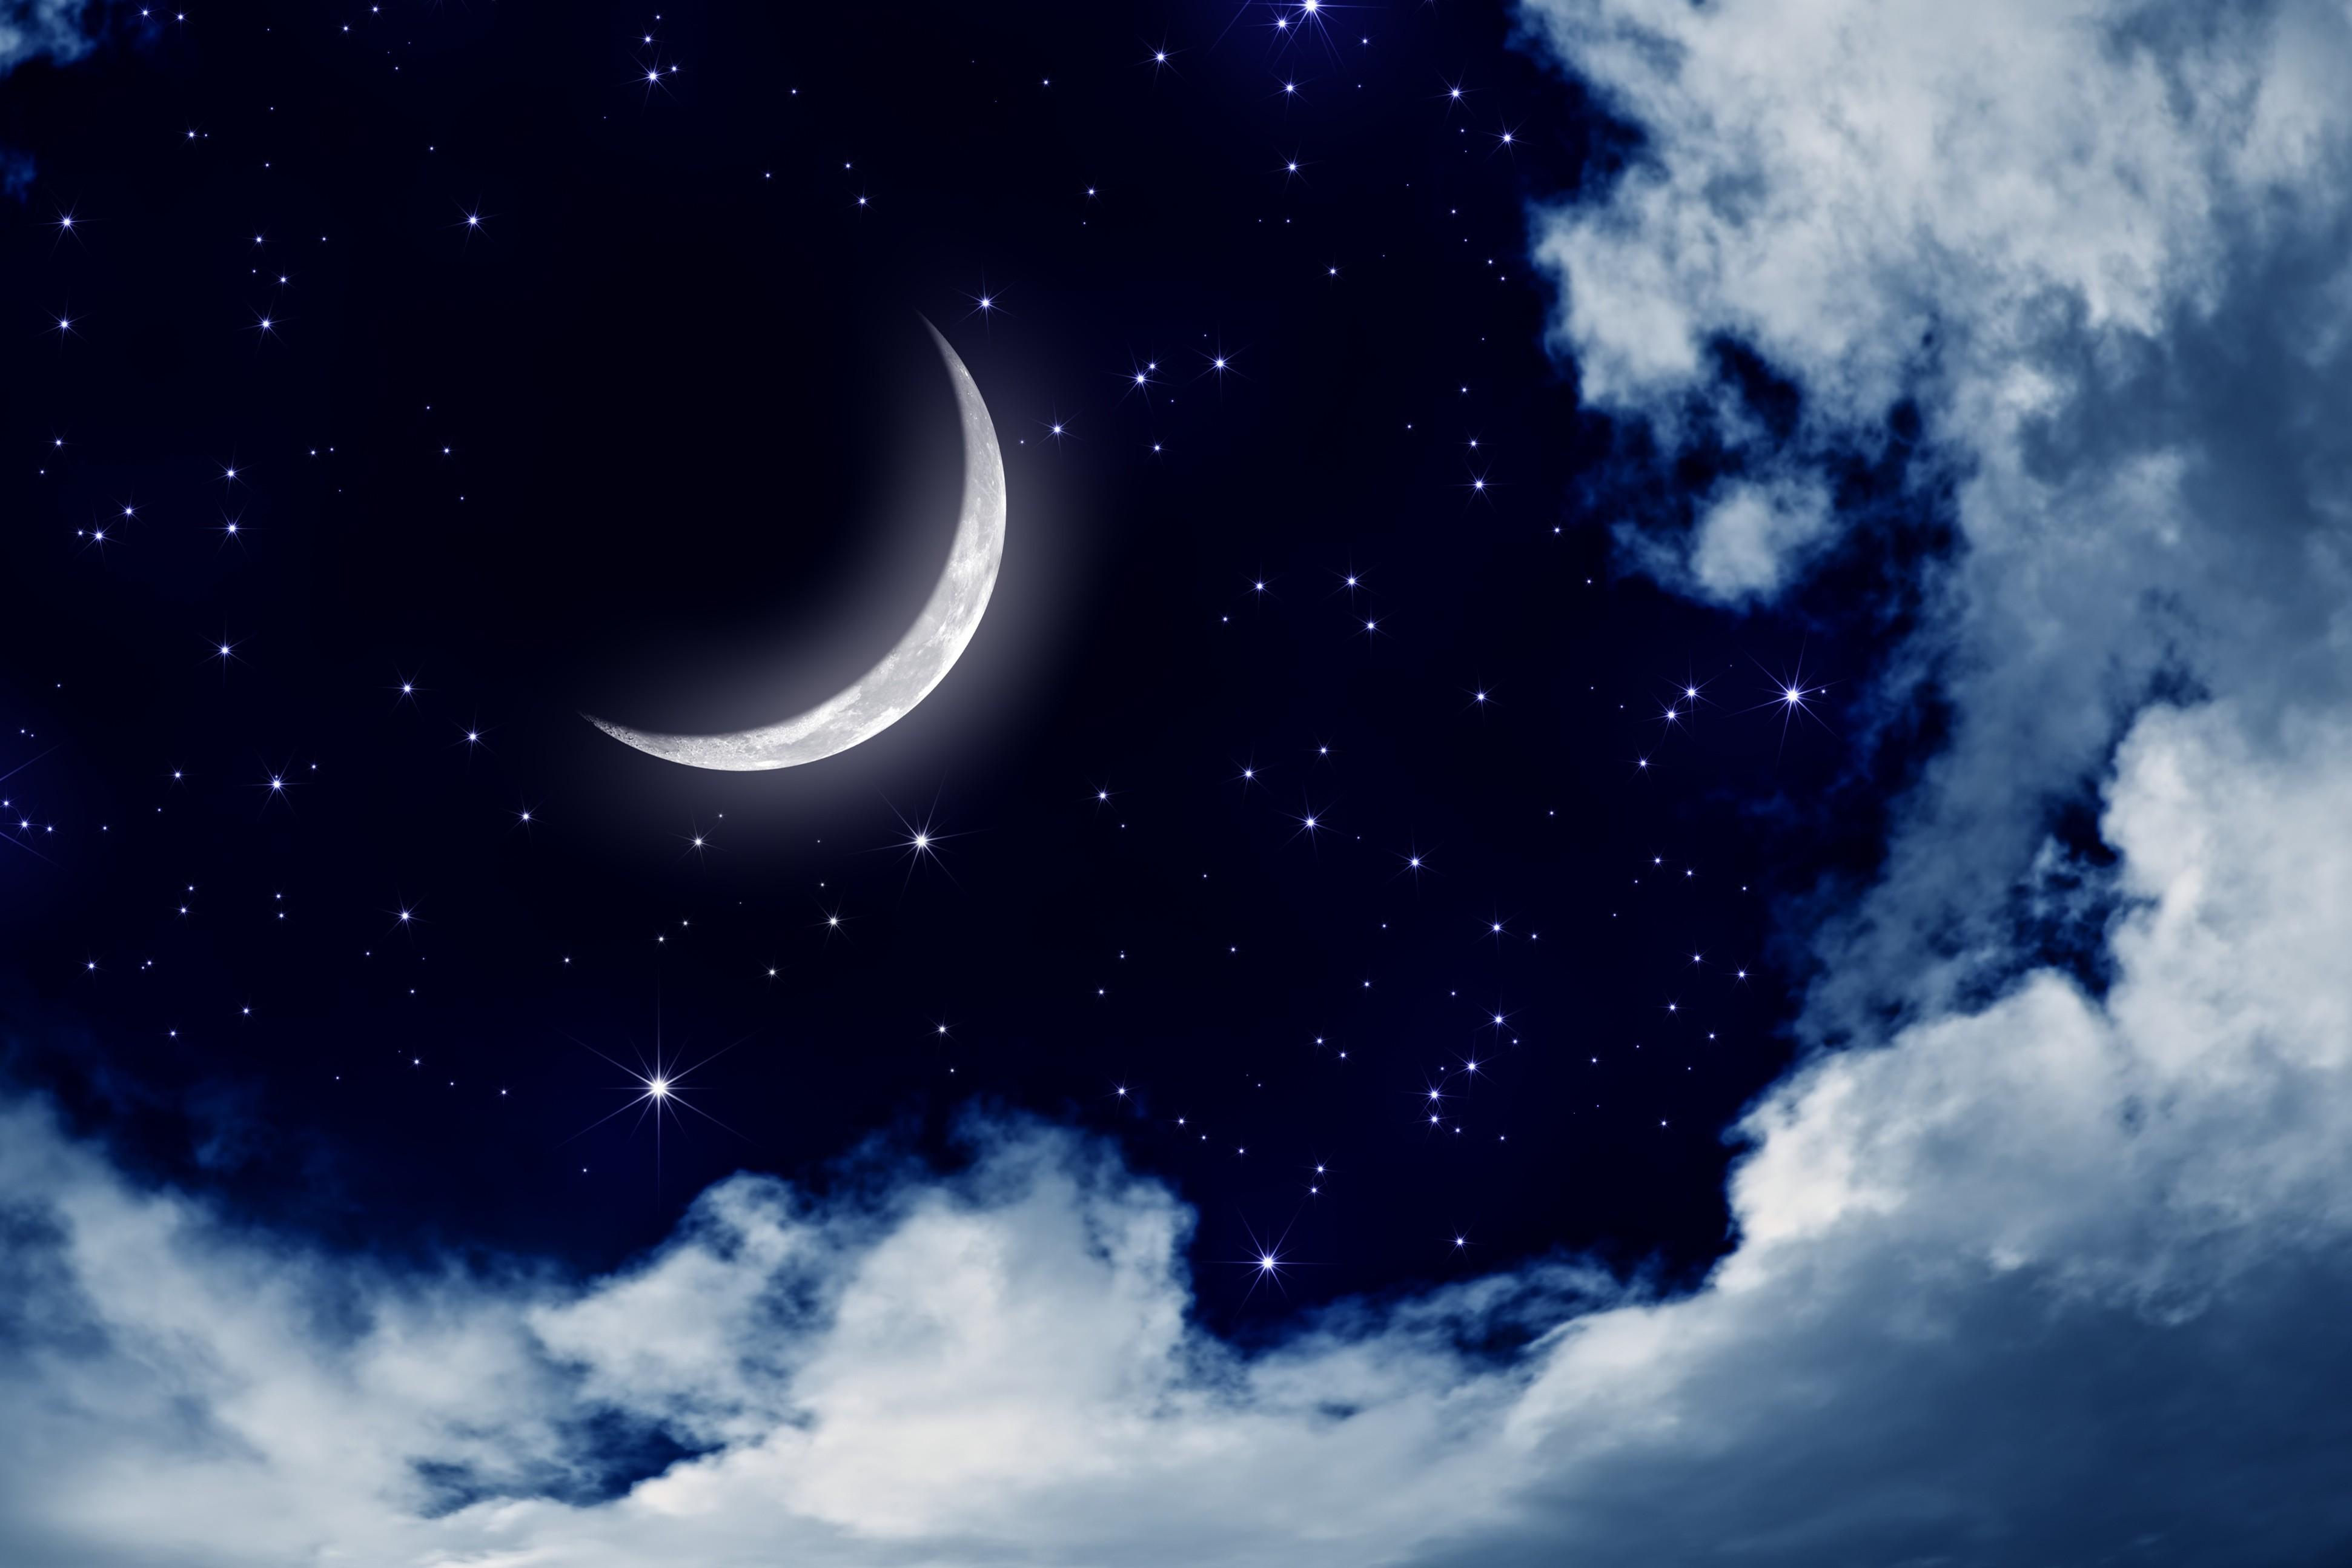 Картинки ночного неба с луной и звездами